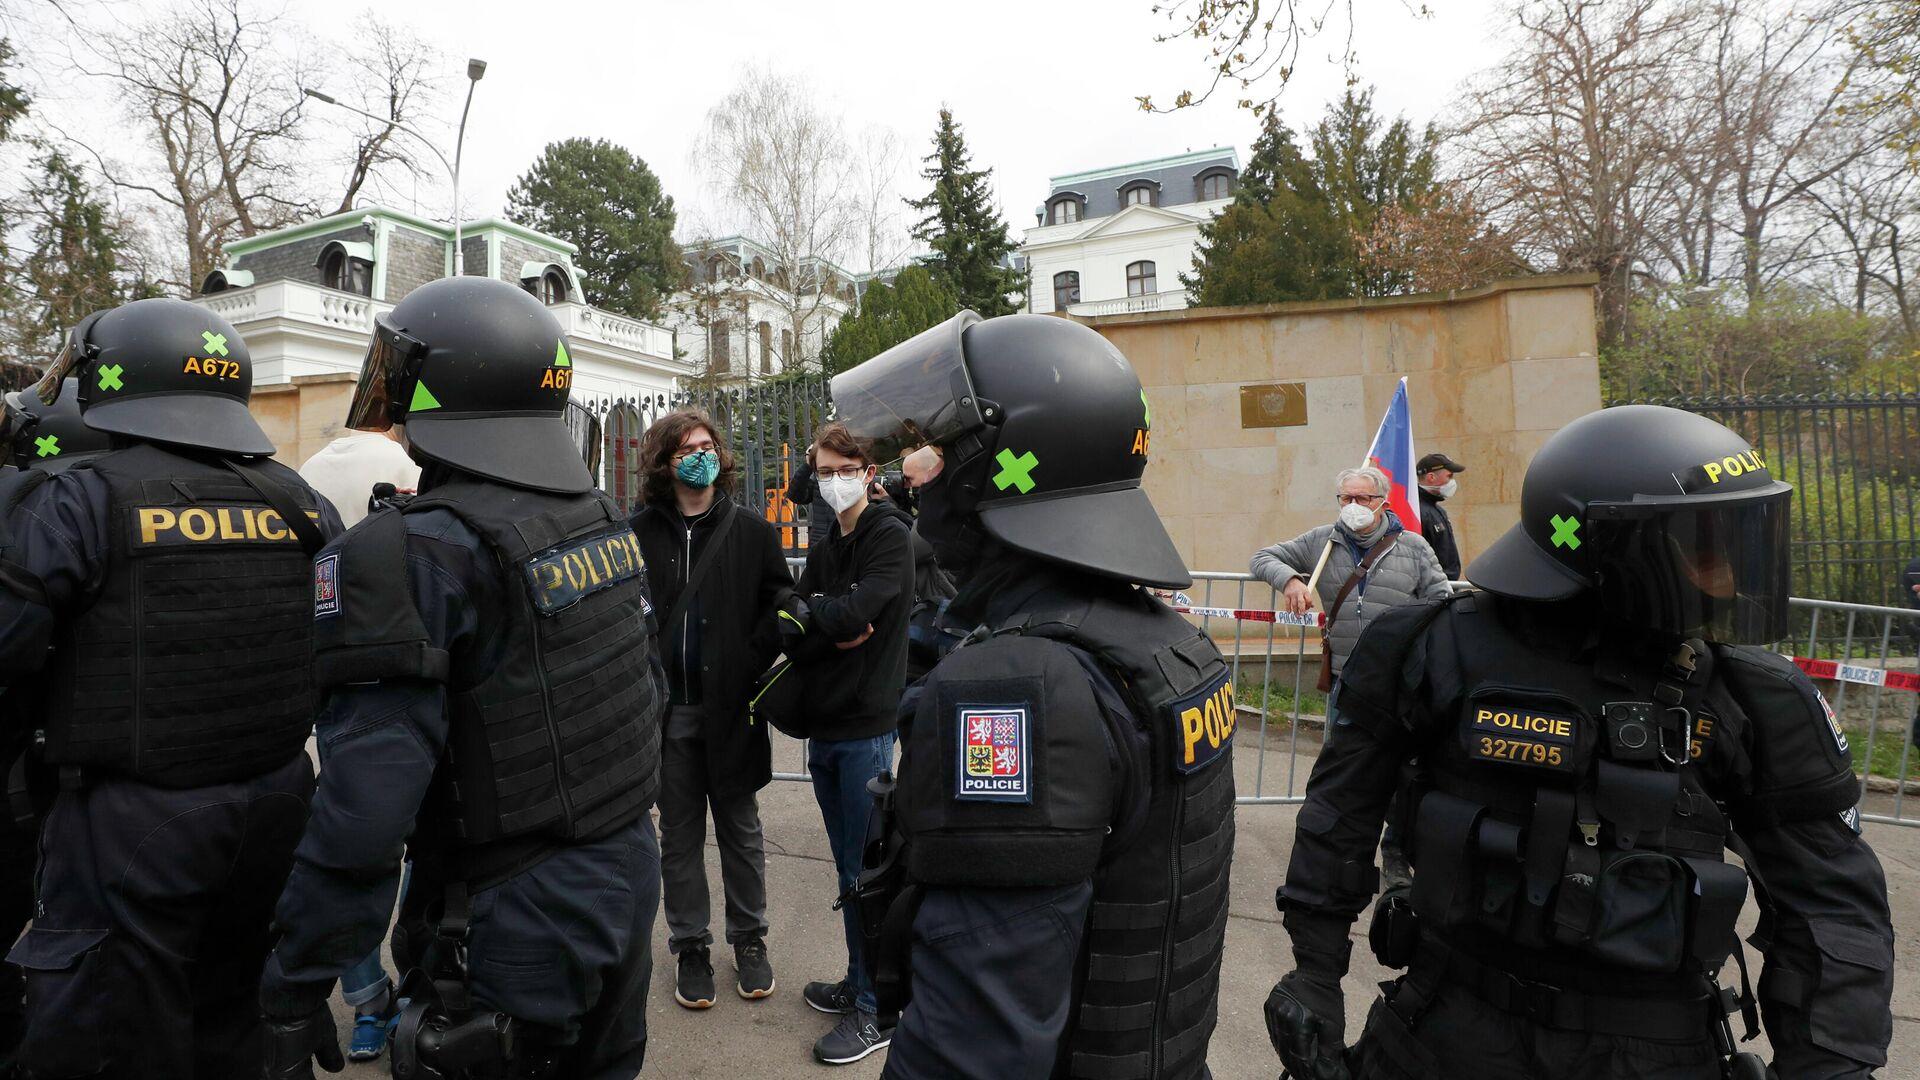 Сотрудники полиции и участники акции протеста у здания посольства России в Праге - РИА Новости, 1920, 05.05.2021